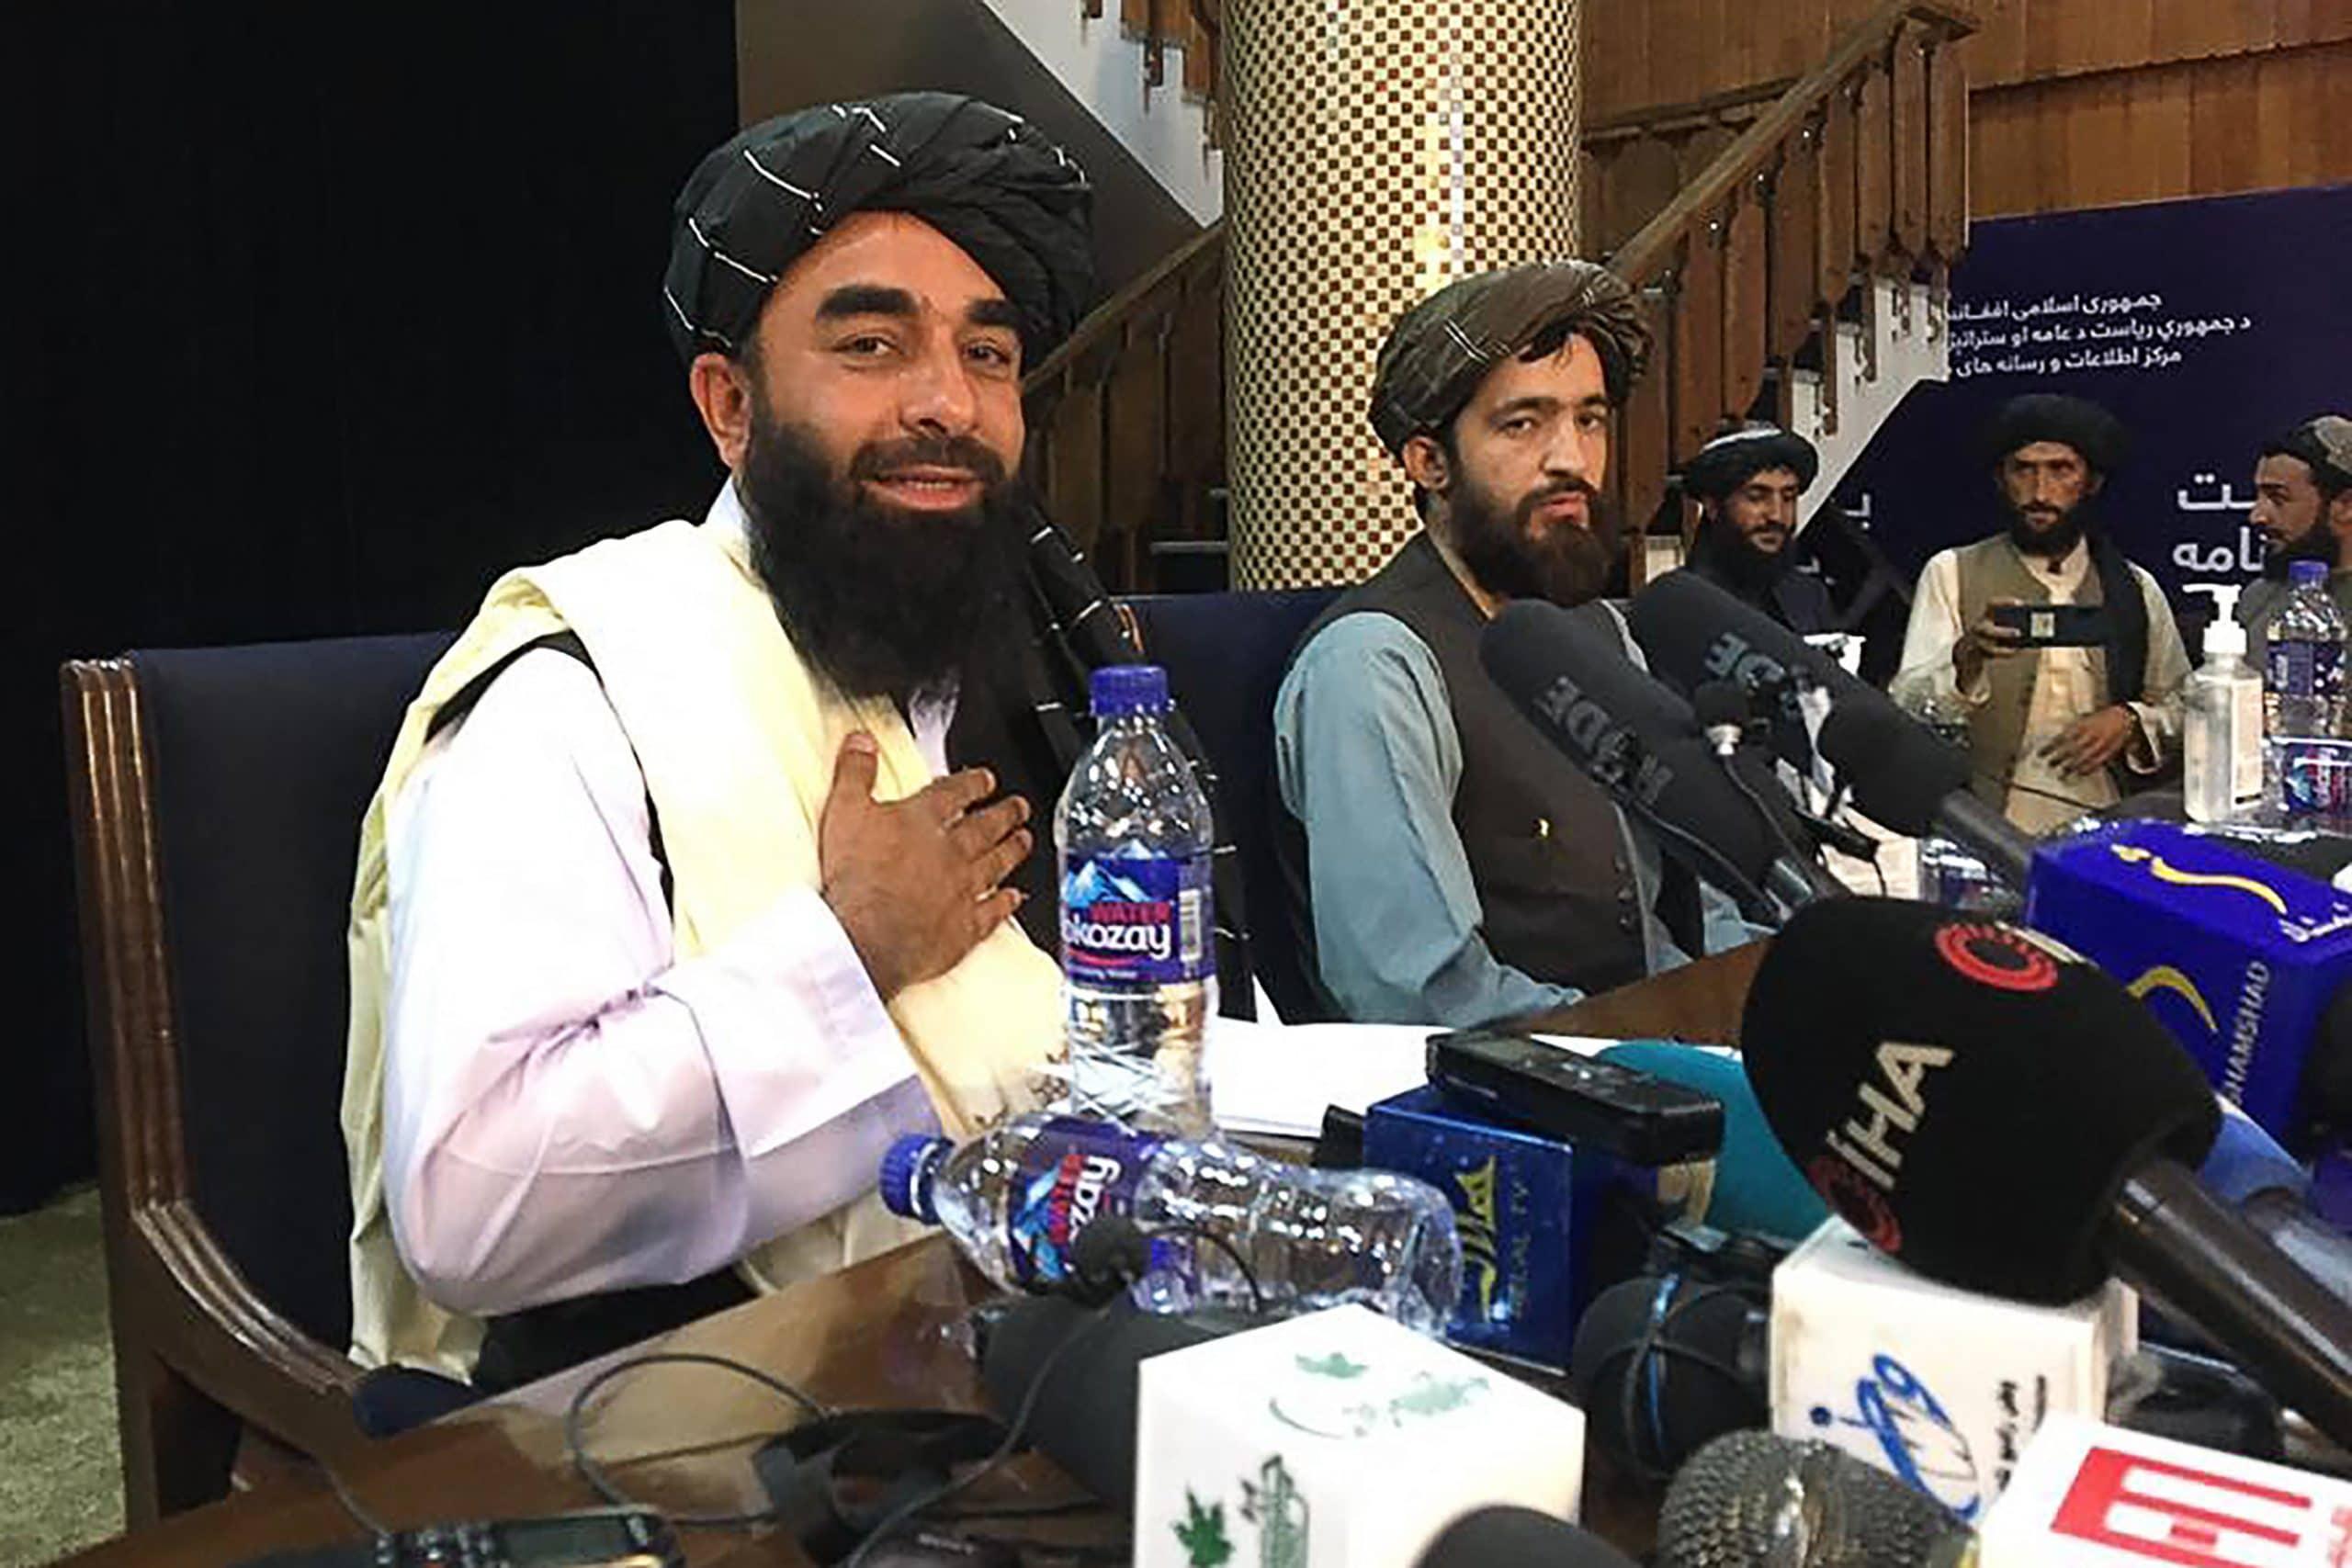 ذبيح الله مجاهد المتحدث باسم حركة طالبان